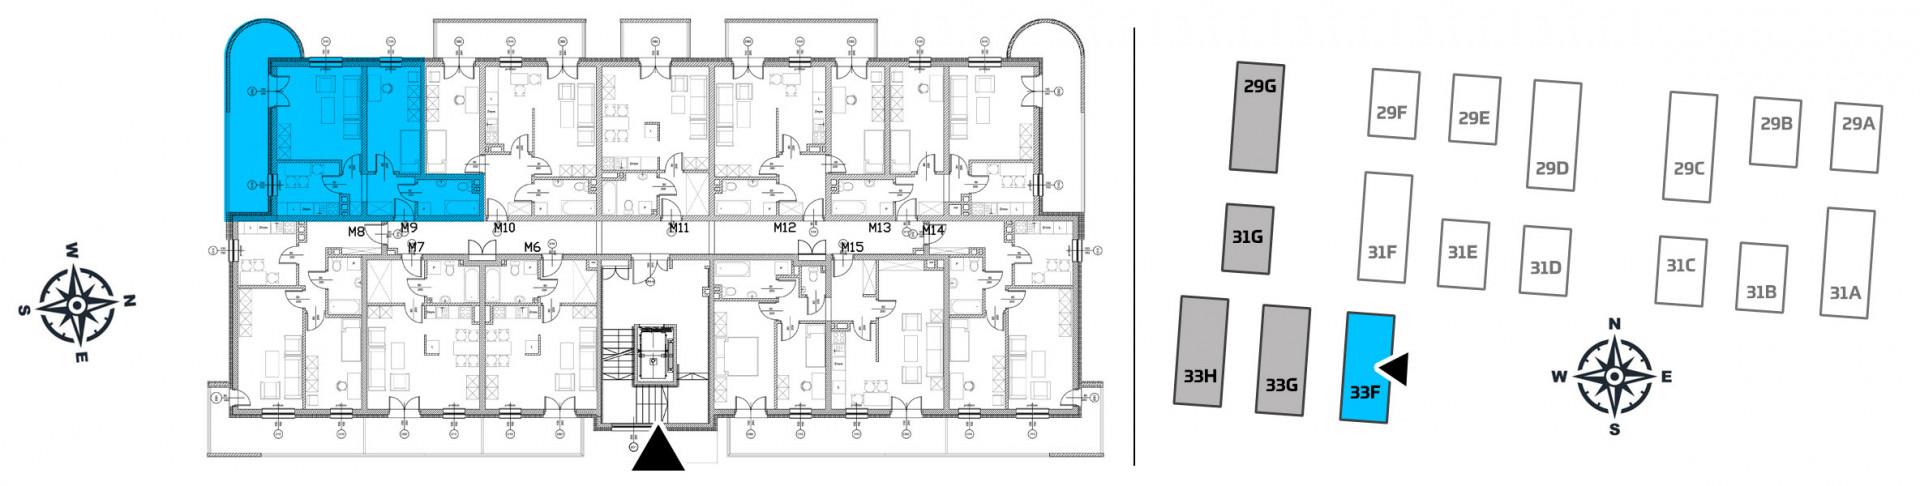 Mieszkanie dwupokojowe 33F/9 rzut 2